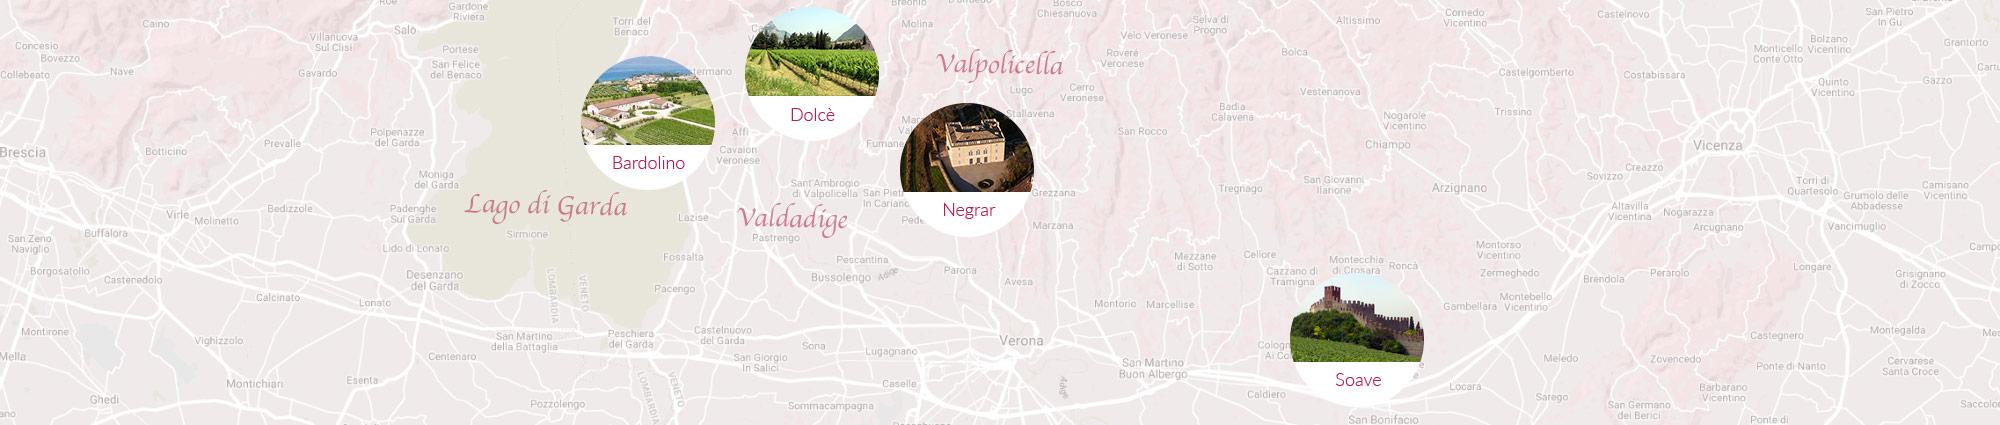 Mappa tenute Guerrieri Rizzardi - Veneto